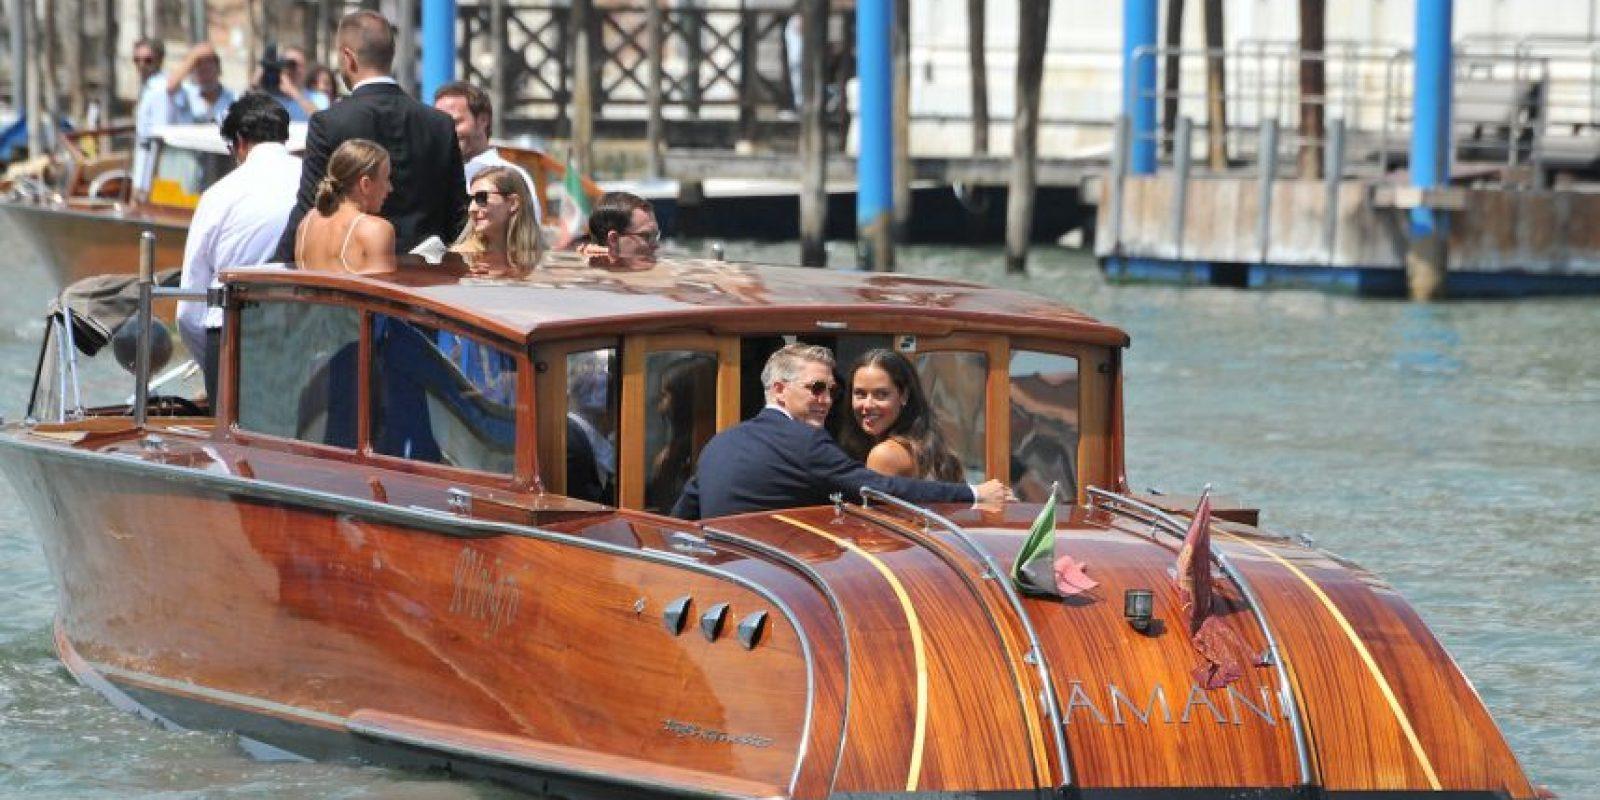 La elegante y romántica boda se realizó en Venecia Foto:AP